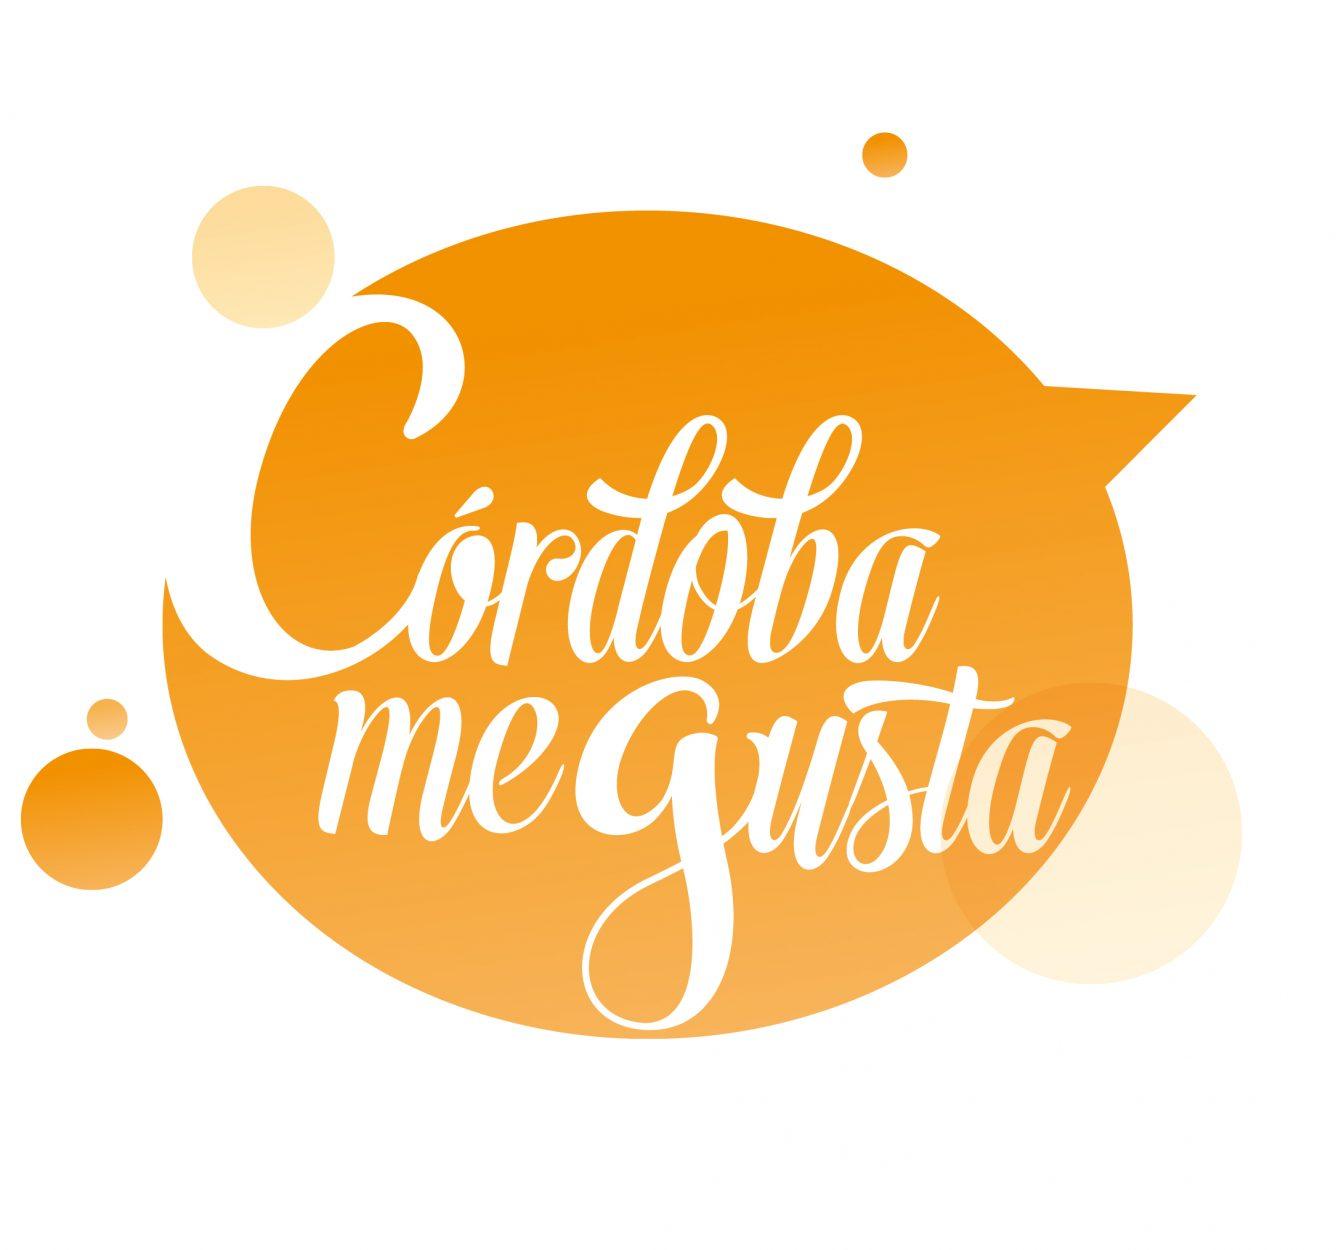 logotipo_cordobamegusta